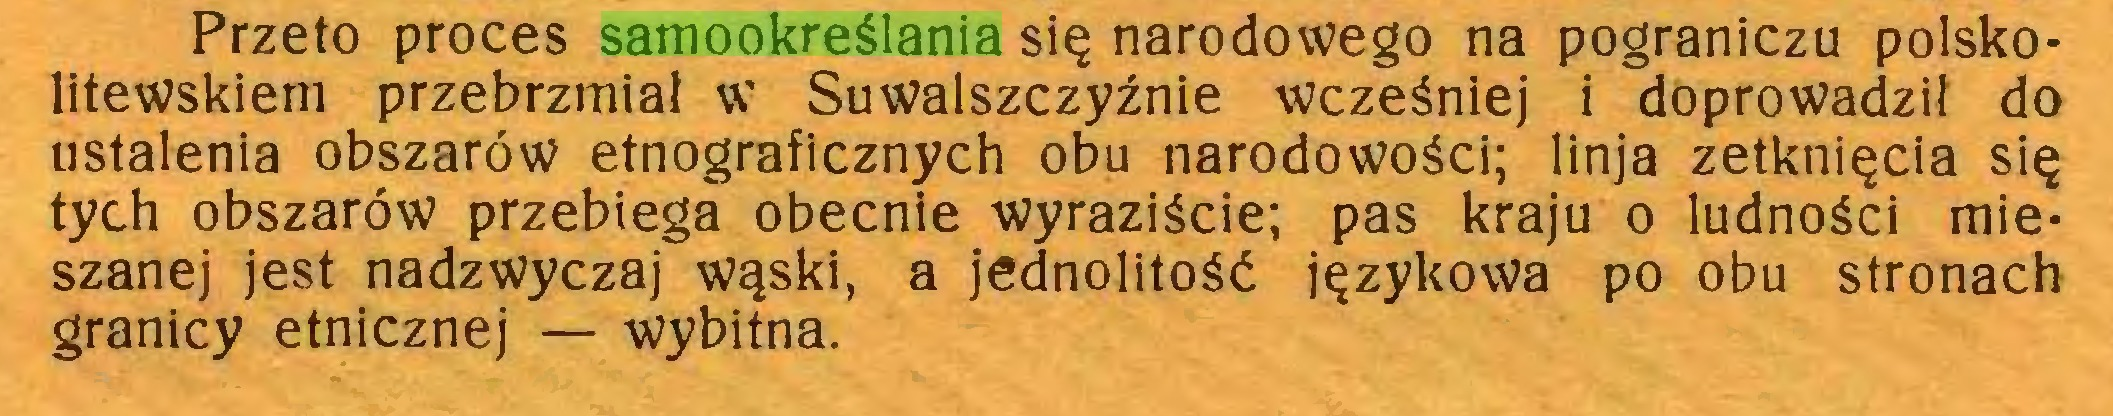 (...) Przeto proces samookreślania się narodowego na pograniczu polsko* litewskiem przebrzmiał w Suwalszczyźnie wcześniej i doprowadził do ustalenia obszarów etnograficznych obu narodowości; linja zetknięcia się tych obszarów przebiega obecnie wyraziście; pas kraju o ludności mieszanej jest nadzwyczaj wąski, a jednolitość językowa po obu stronach granicy etnicznej — wybitna...